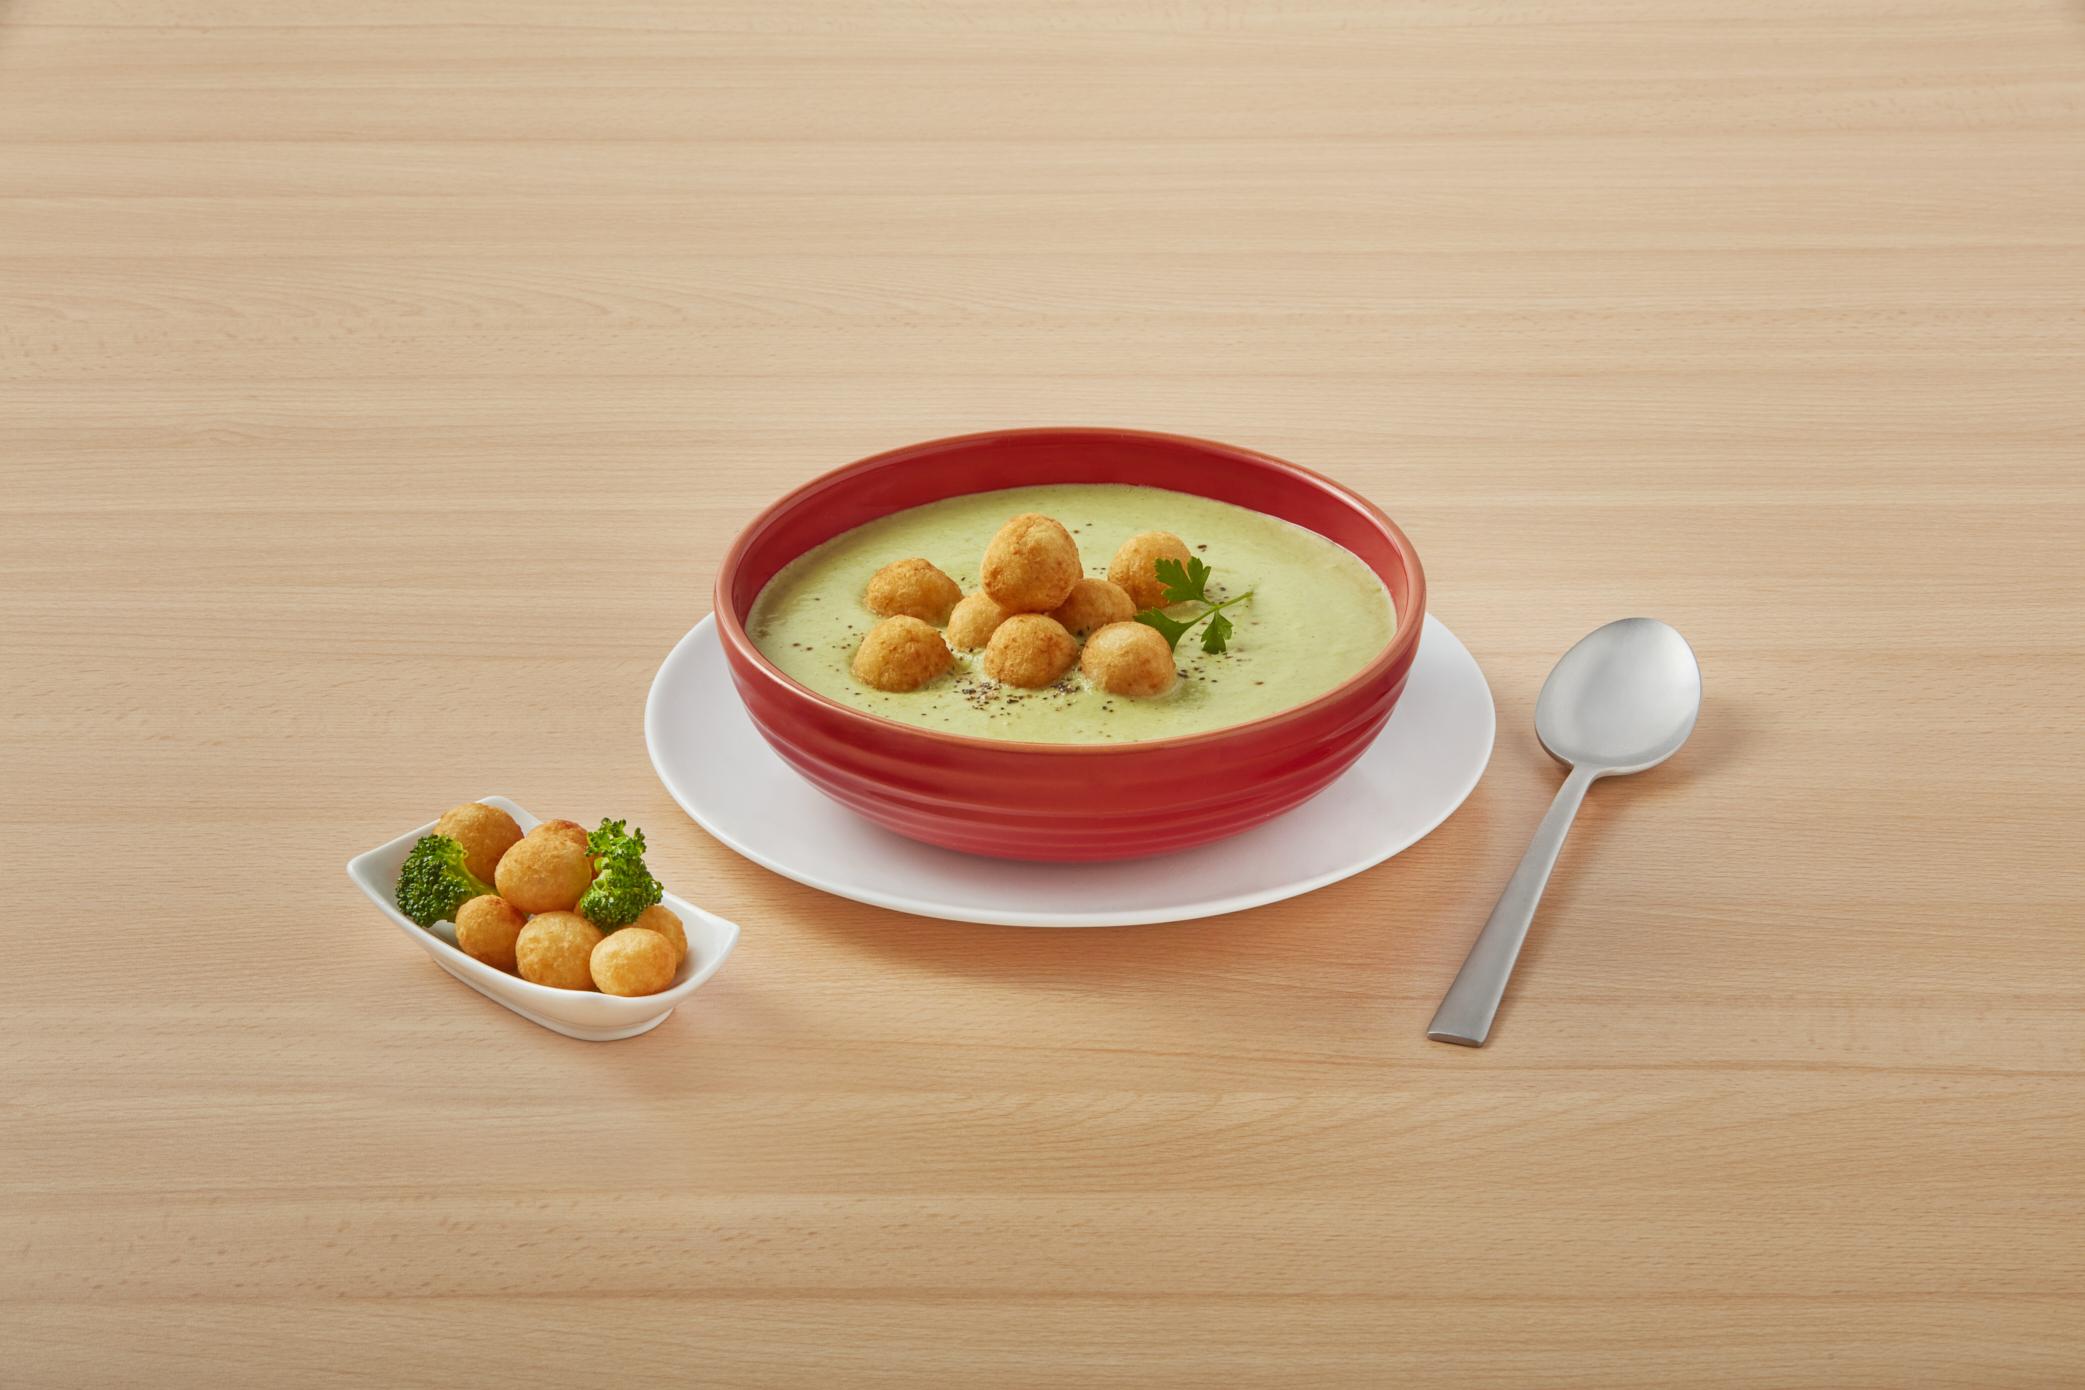 Broccoli cream with potato balls